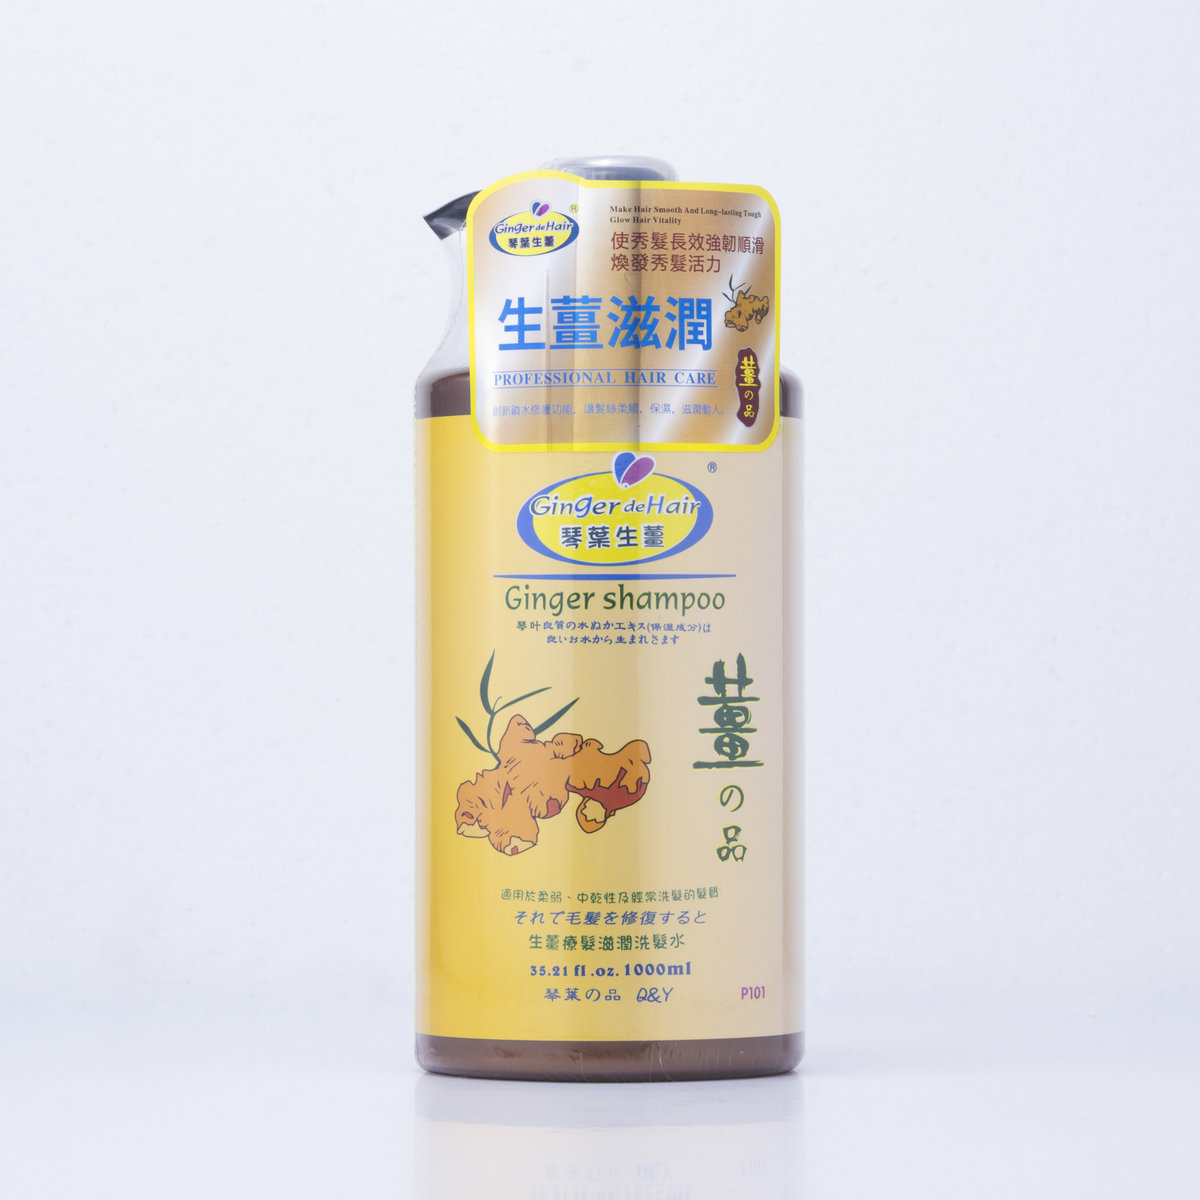 Ginger de Hair Ginger Shampoo 1000ml[P101]